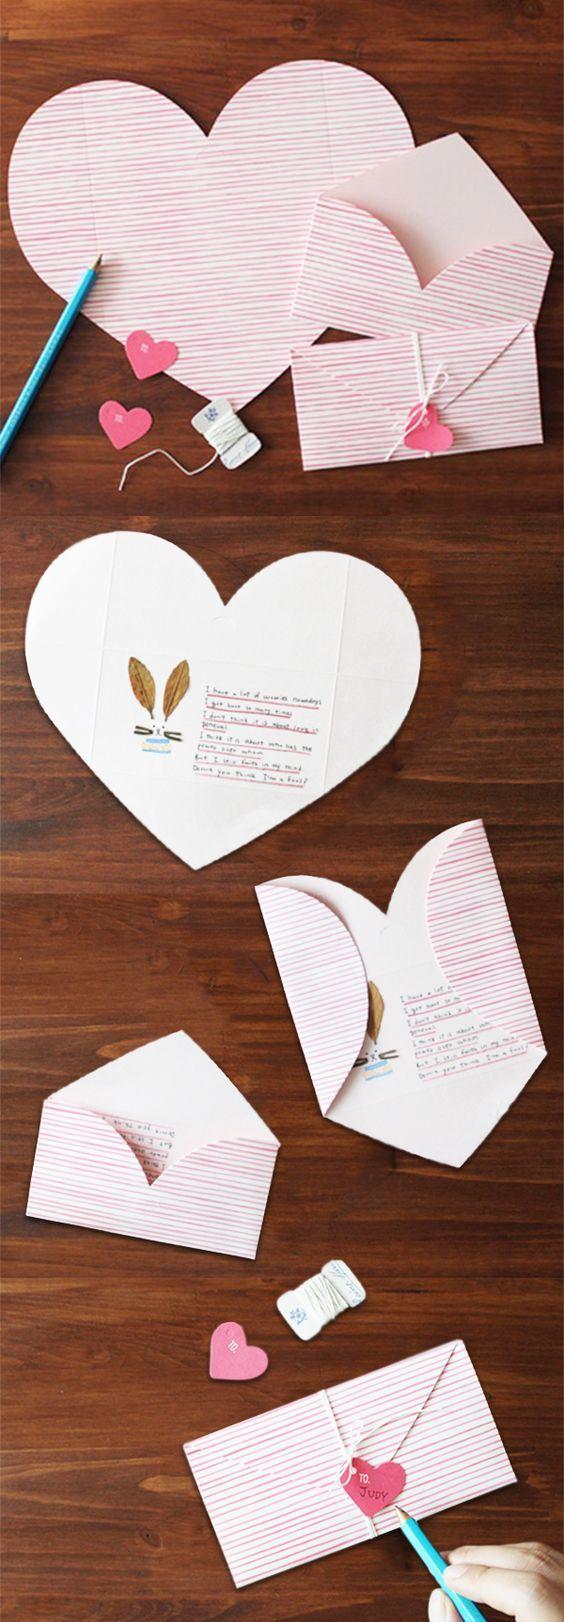 Как сделать валентинку из бумаги маме